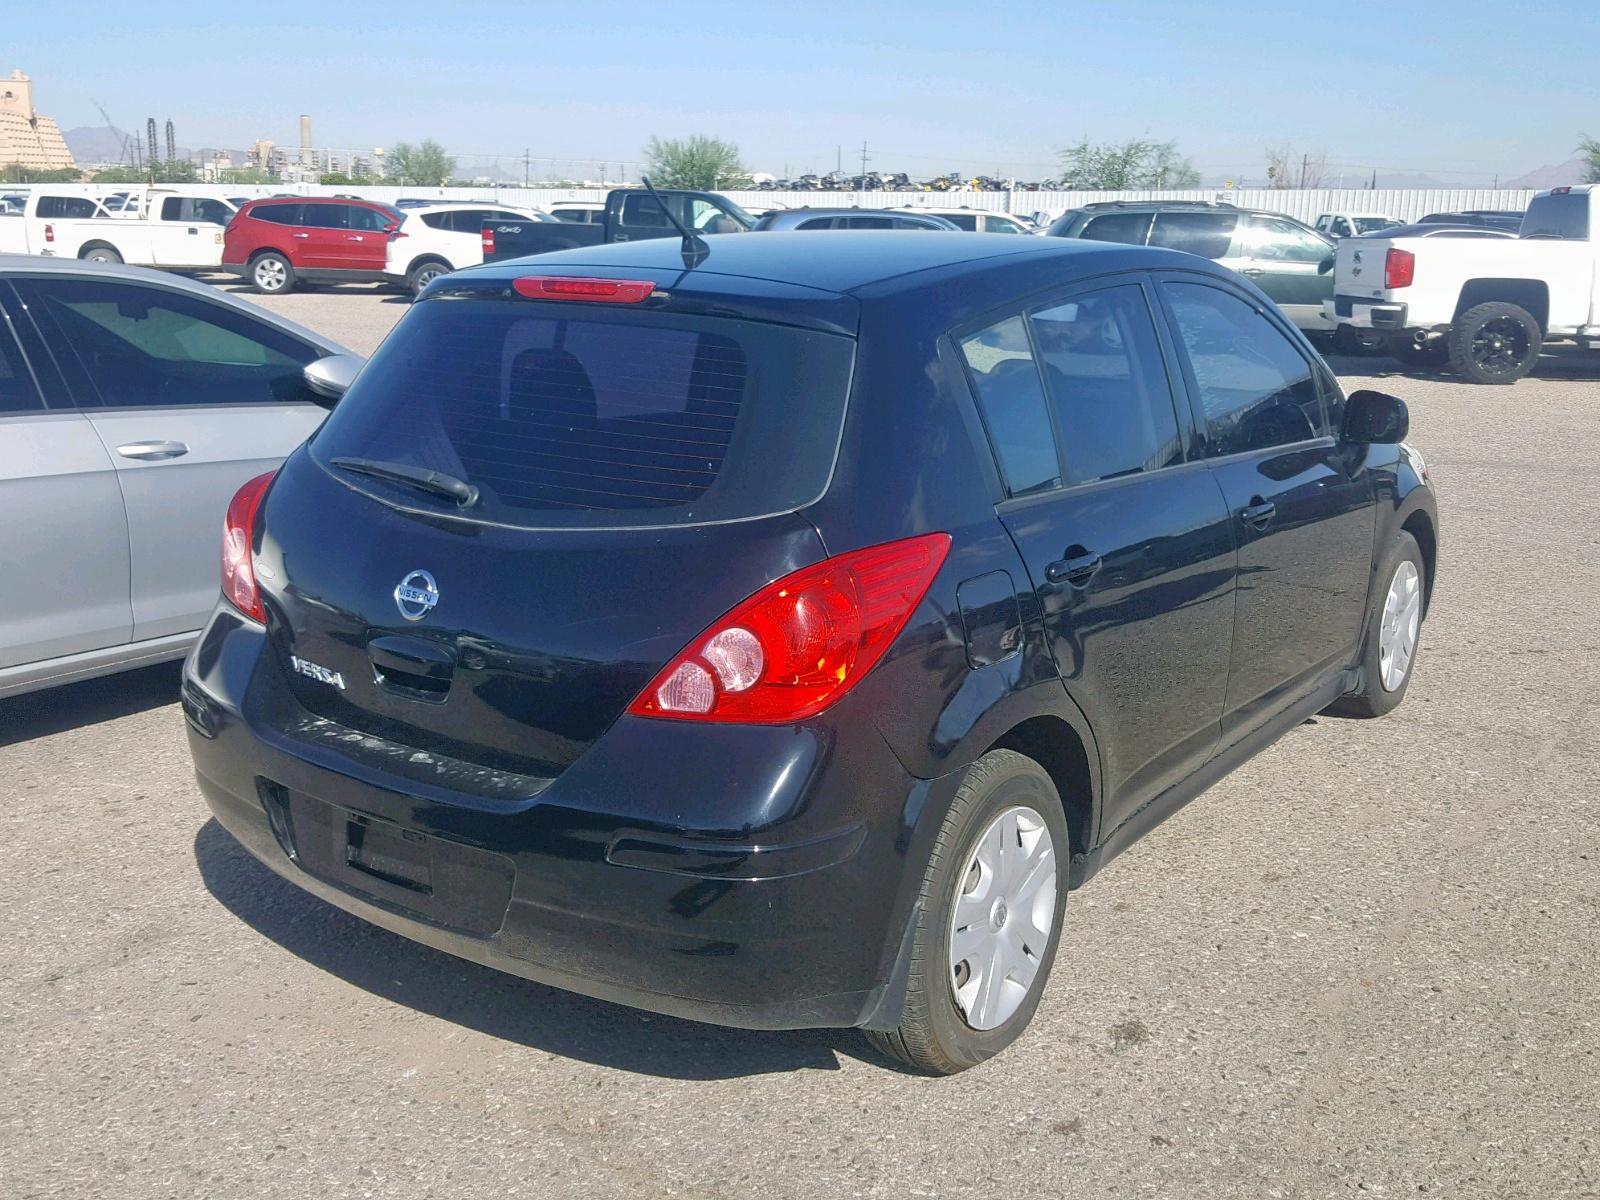 3N1BC1CP5BL493407 - 2011 Nissan Versa S 1.8L rear view